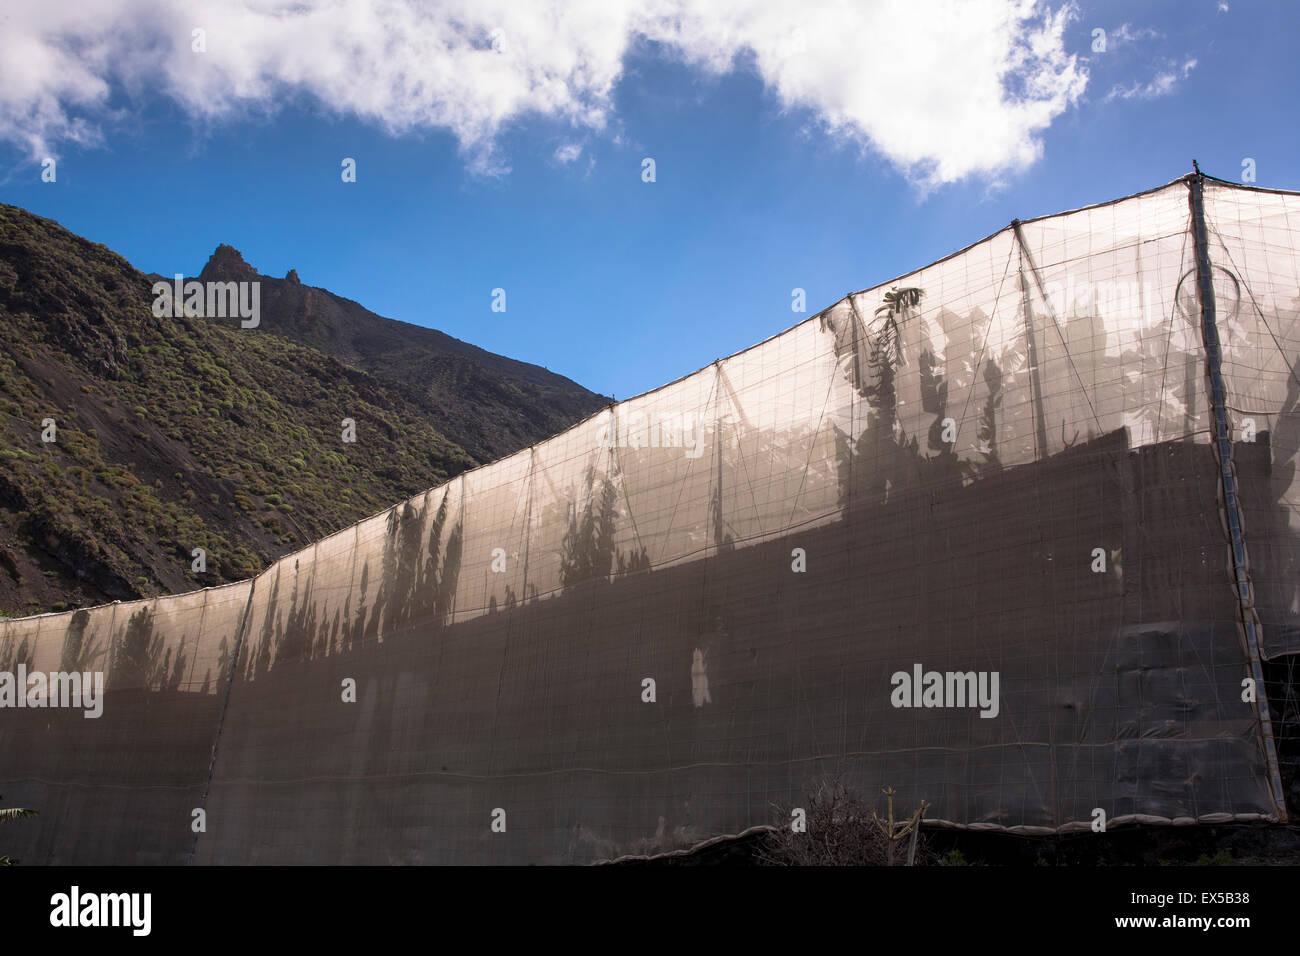 ESP, Spanien, Kanarische Inseln, Insel La Palma, am Fuße des Vulkans San Antonio in der Nähe von Fuencaliente Stockbild